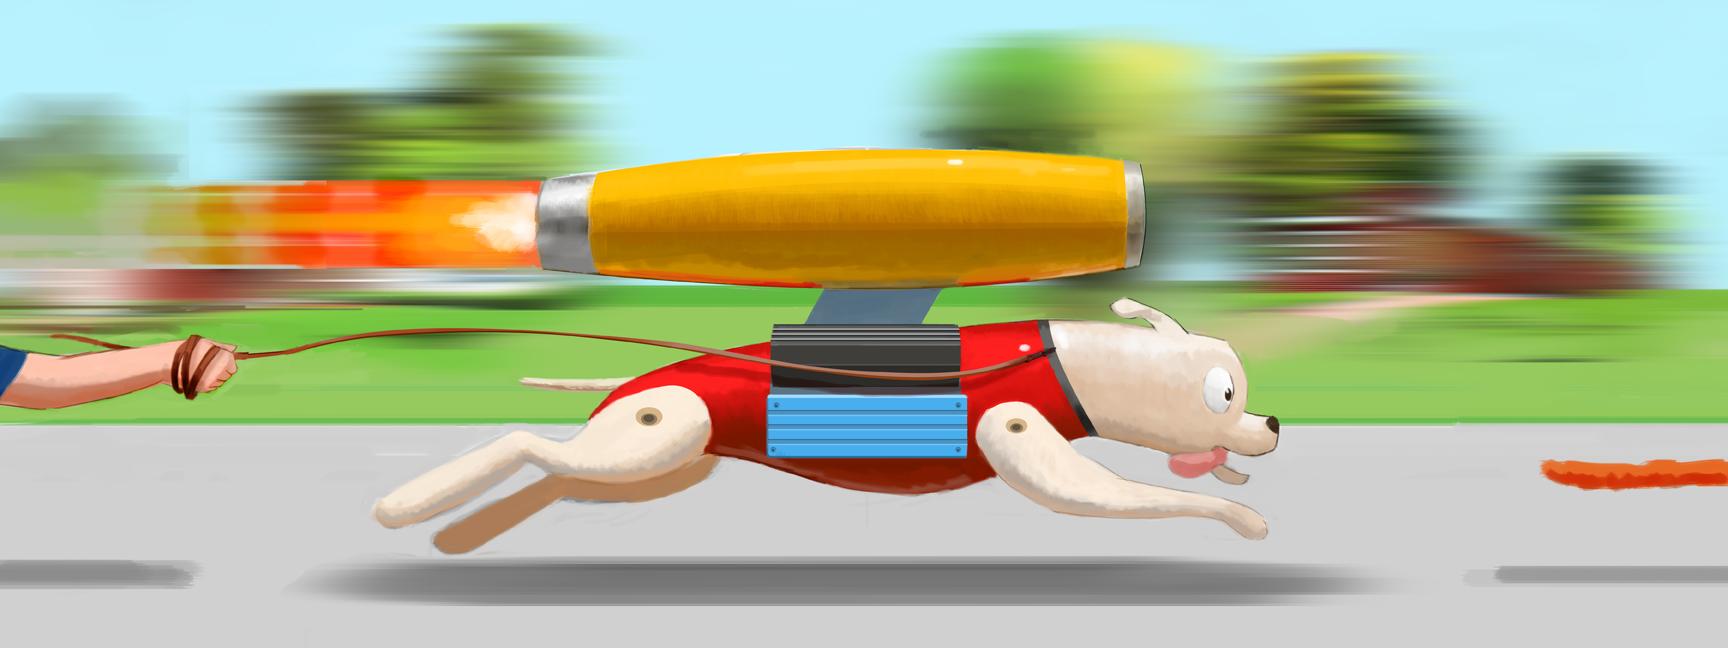 Motor Dog Running